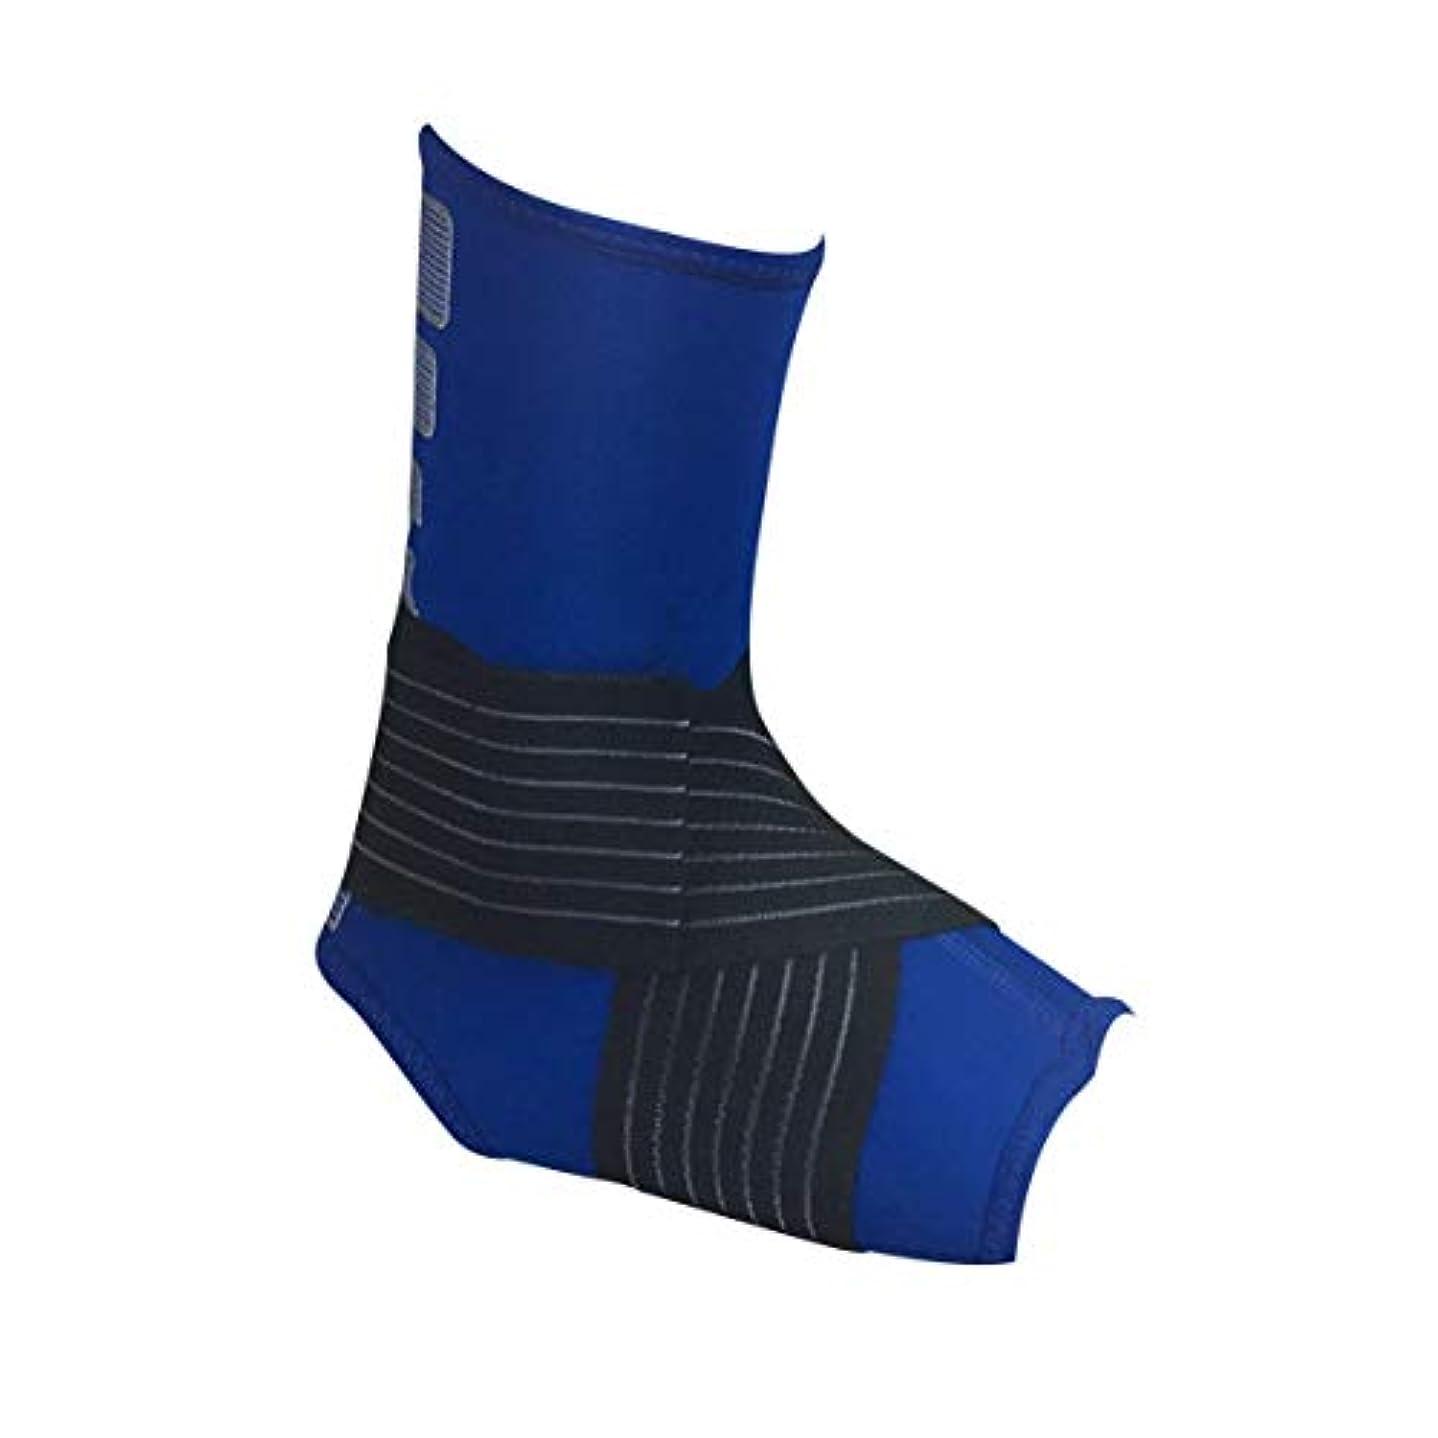 メディック年状態足首フットパッド包帯ブレースサポート保護足首ガードパッド快適な足首袖ランニングフィットネスサイクリング